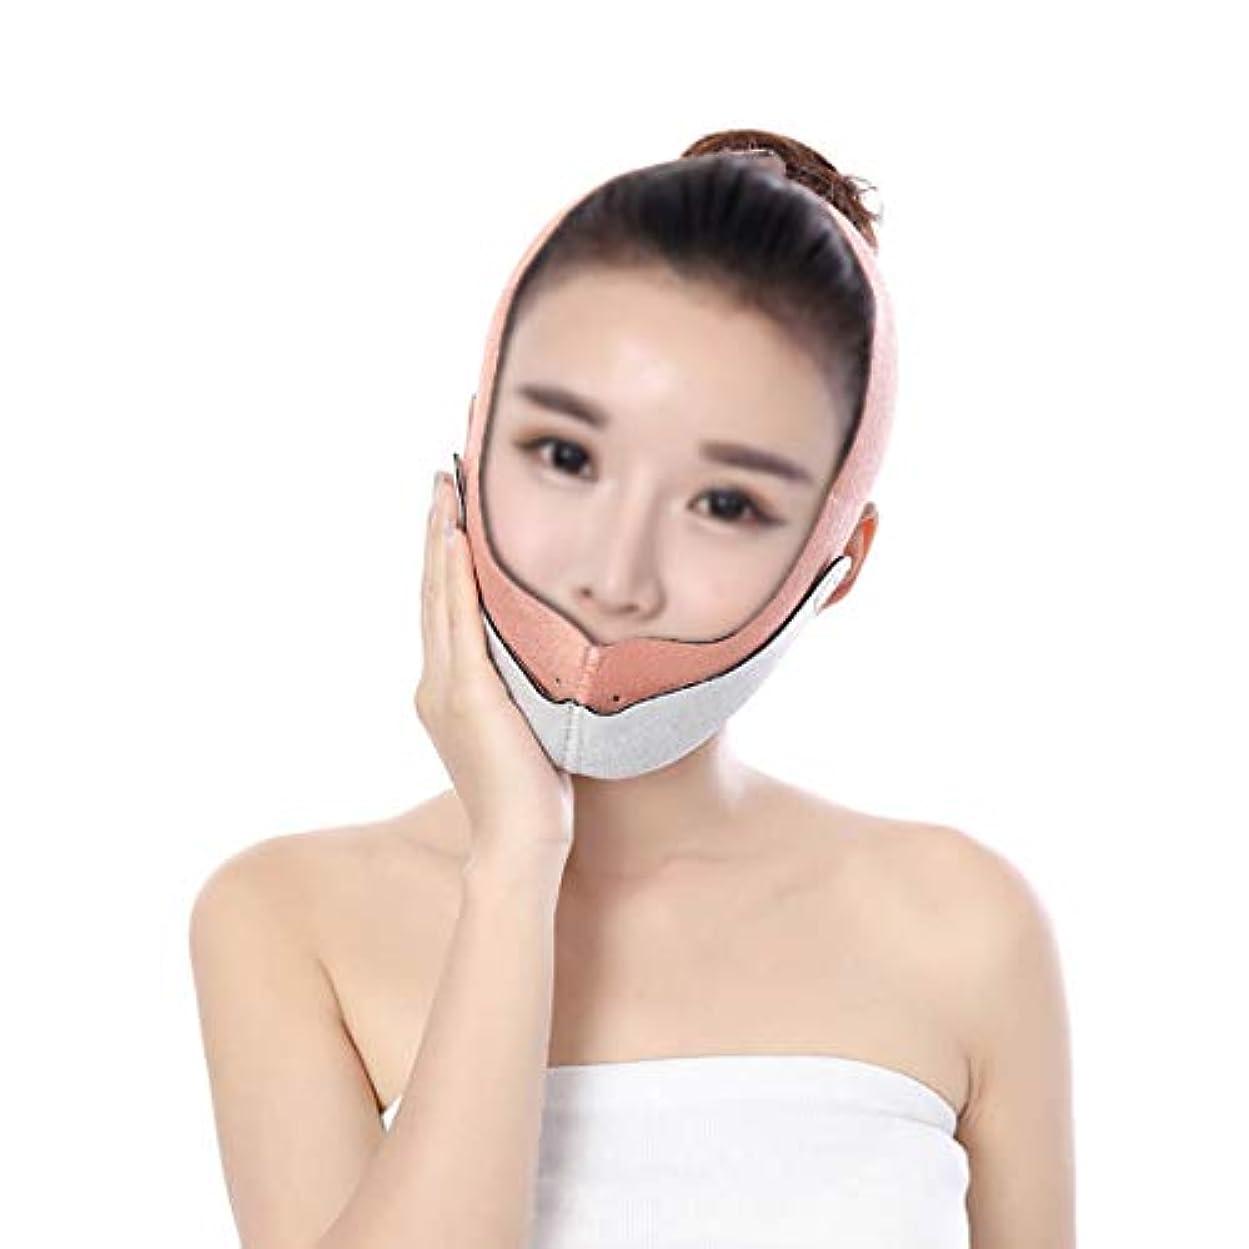 球状スライス掃くXHLMRMJ 引き締めフェイスマスク、フェイスリフティングアーティファクト修正フェイスリフティングベルト垂れ防止包帯美容マスクマスクVフェイスクロスツール